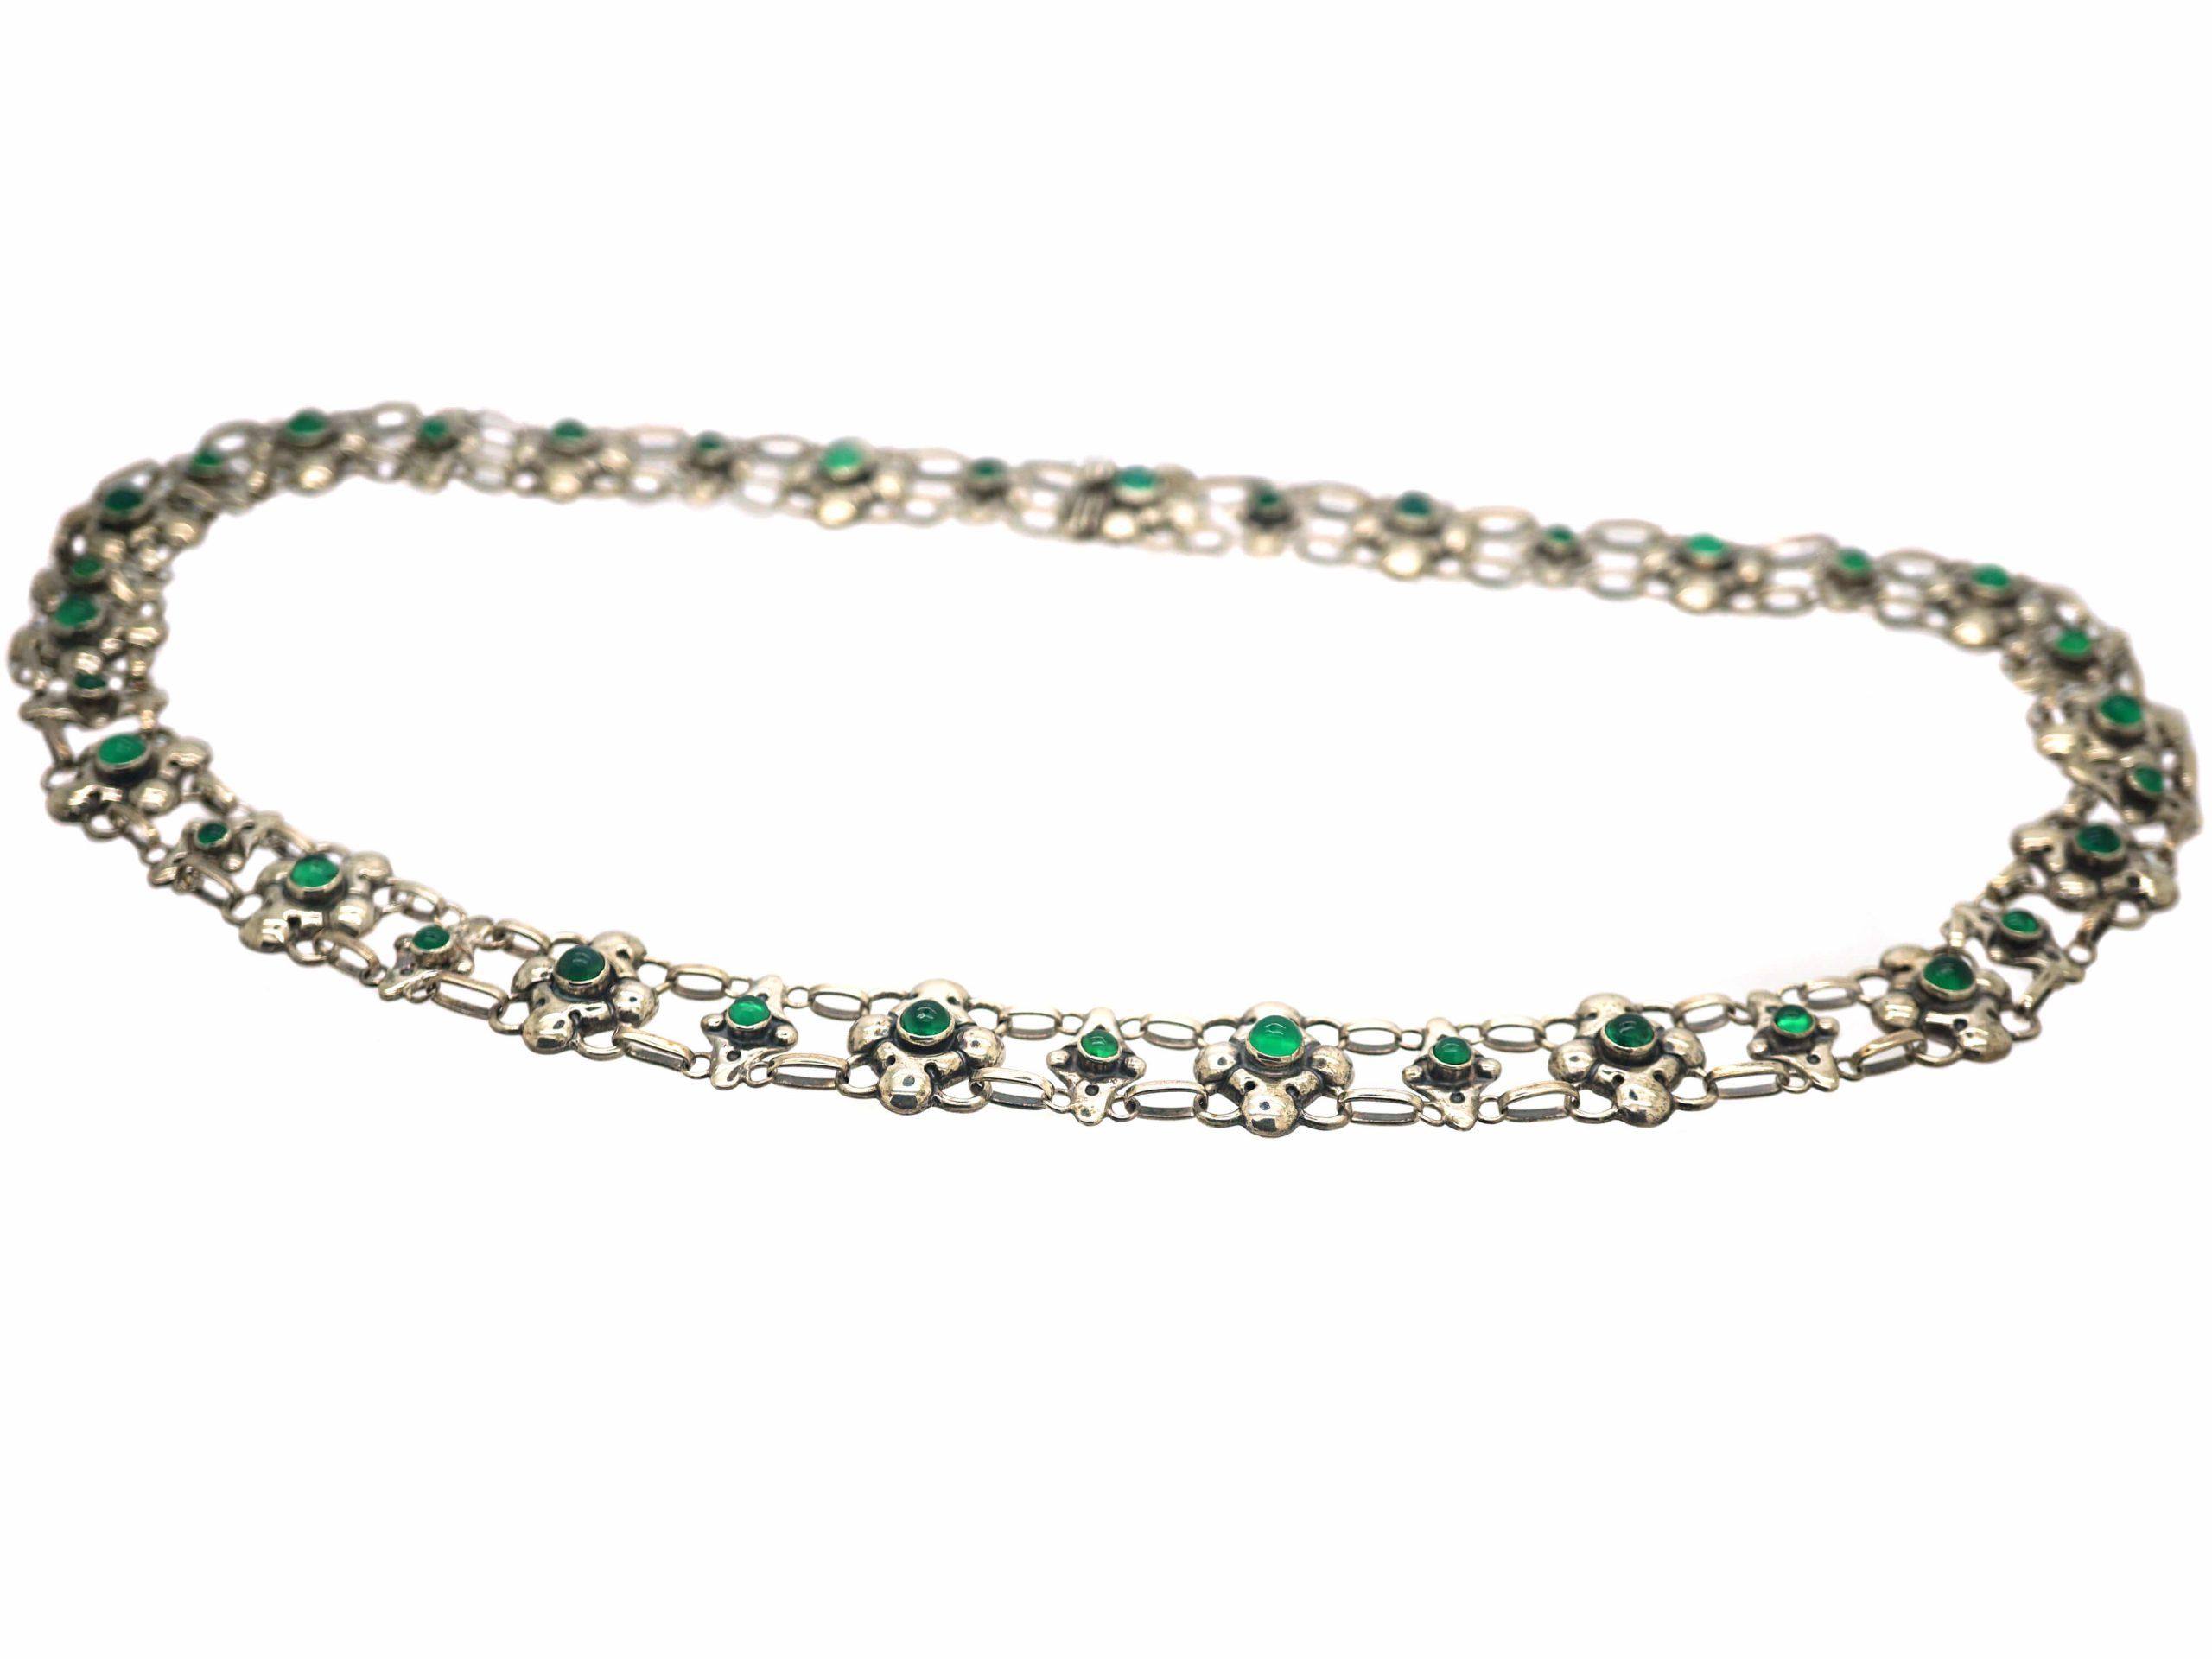 Necklace by Rasmus Bjorn Halvorsen